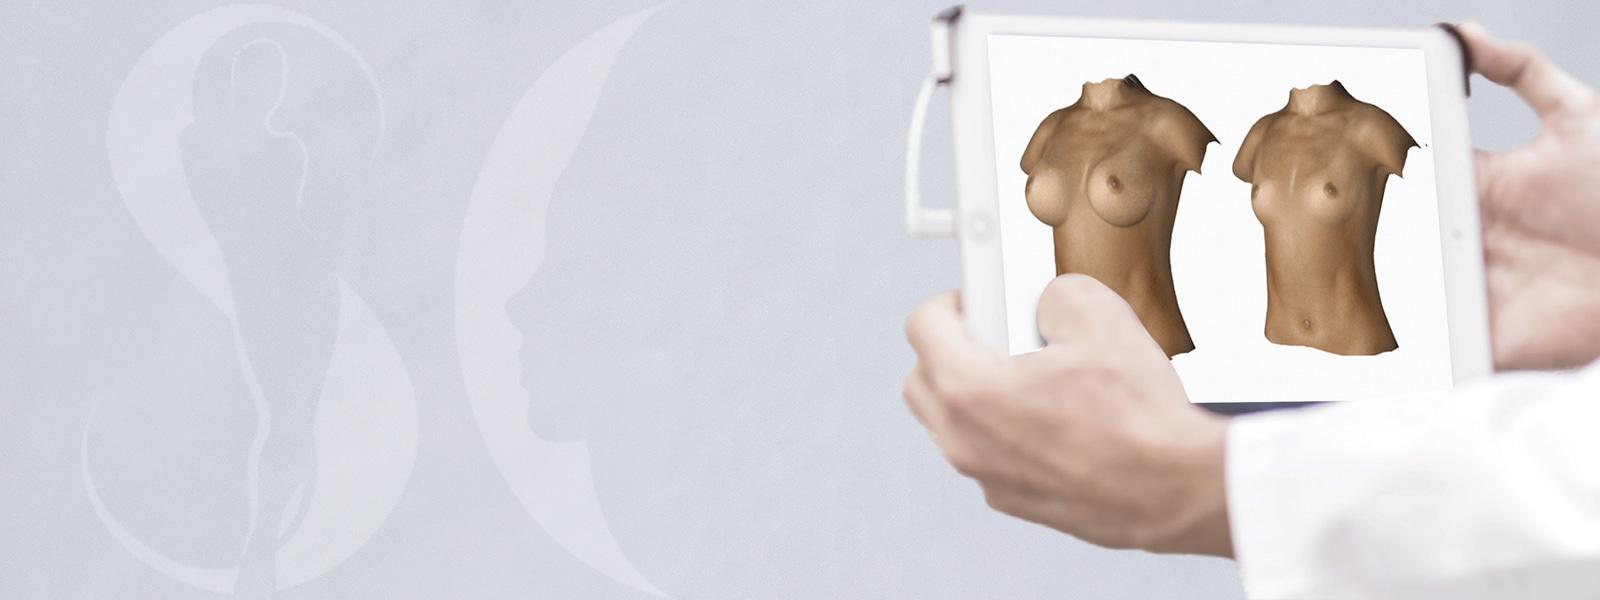 rendu 3D d'une simulation d'augmentation mammaire